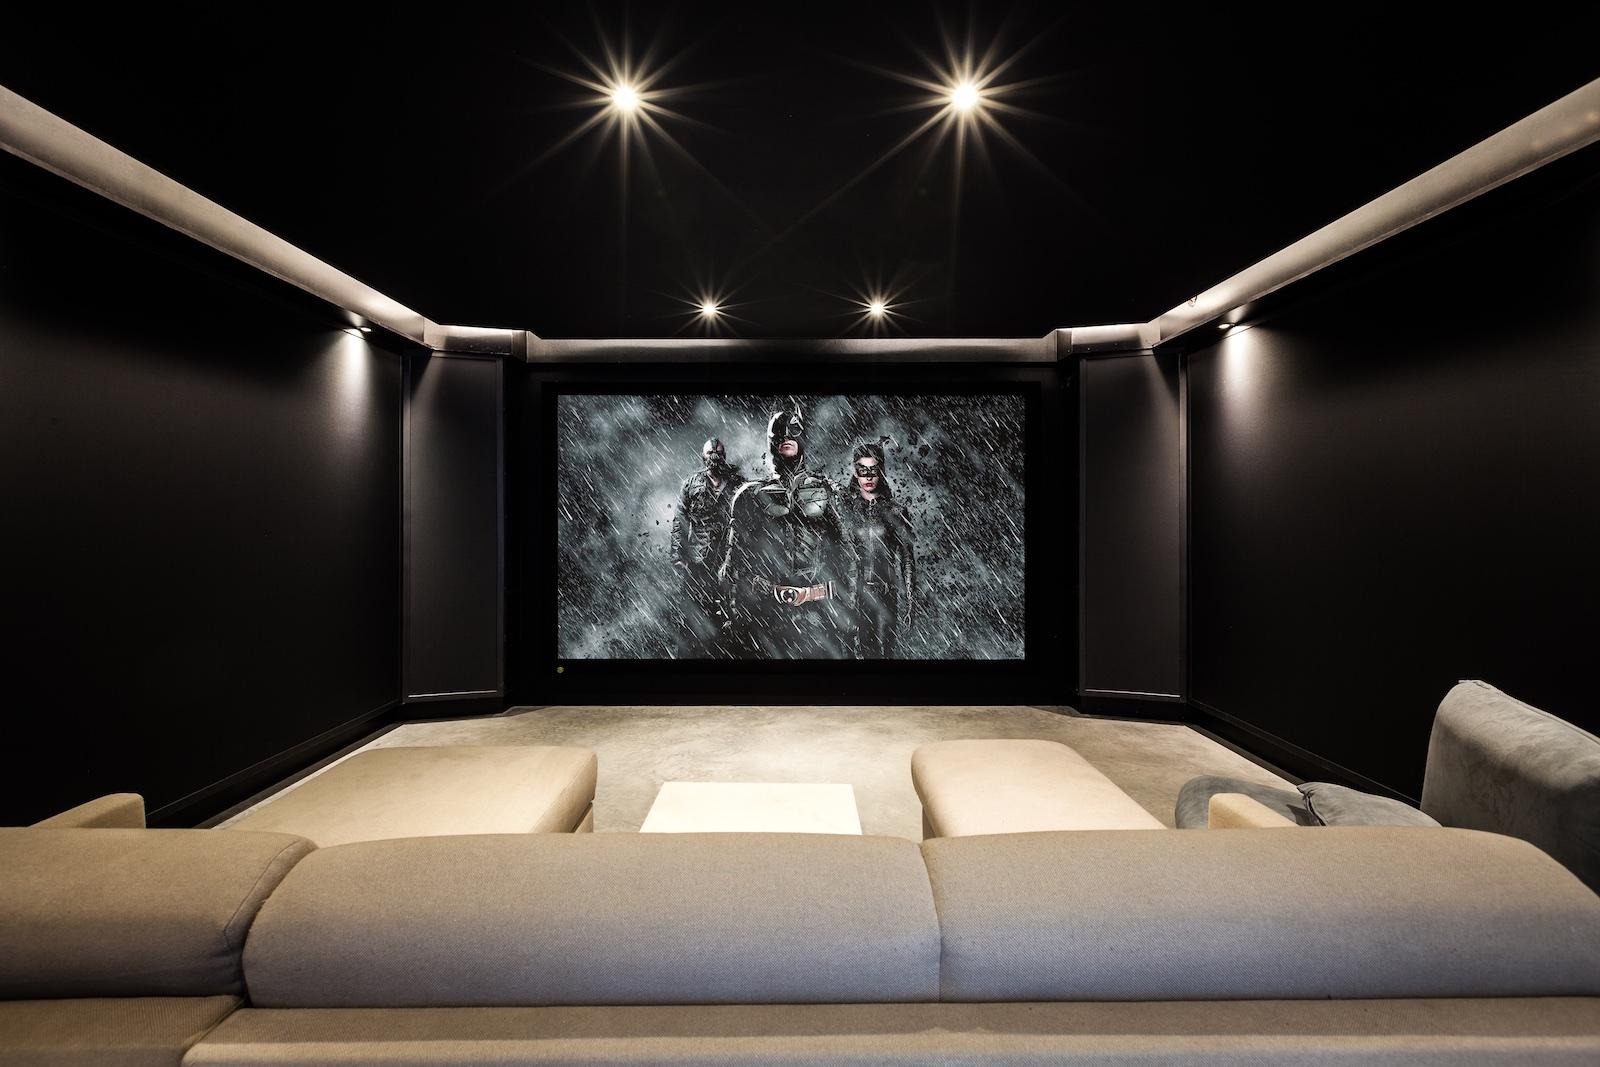 Dark Knight Cinema by Beter Beeld & Geluid